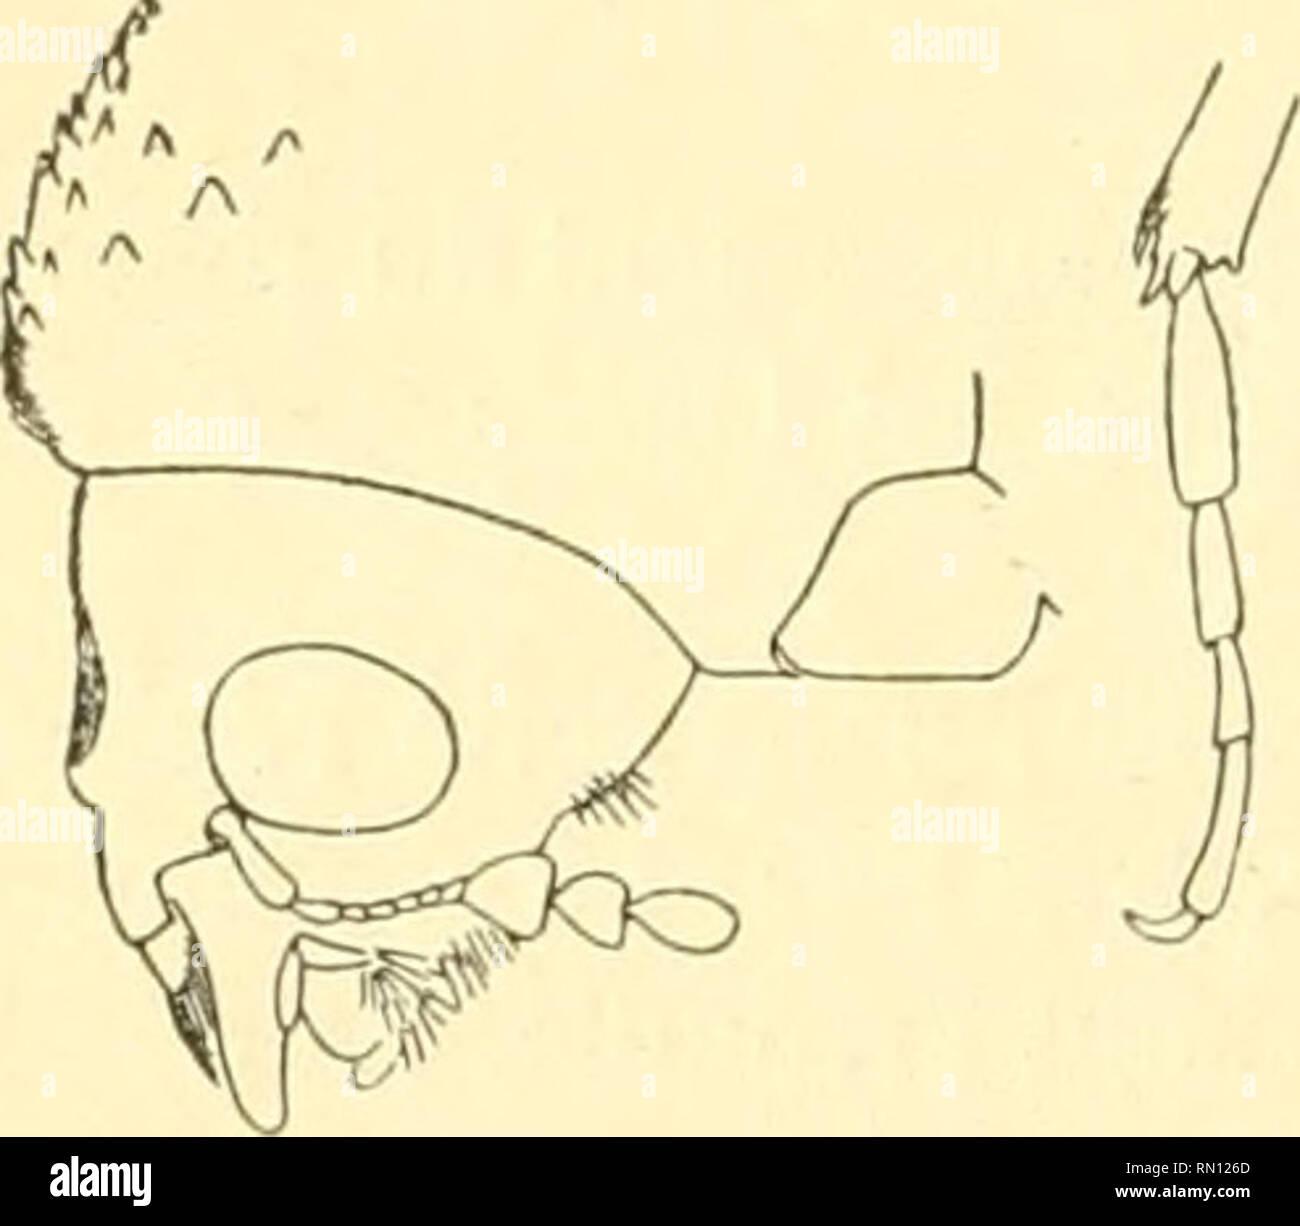 . Annales de la Société entomologique de France. Insects; Entomology. 334 P. Lesxe. Tofjoland; bassins du Bas-Niger ot de la Béiioué; Kaiiieroun; bassins de rOgooué et du Congo; Afrique orientale allemande :Kondoa {Bloyet in Muséum de Paris); baie Delagoa {Coll. Bedcl) ; pays des Somali : entre Sancourar et Amarr {Bottego in Musée de Cènes) ; Choa : vallée de Dorfou {Rugazzi in Musée de Gênes). Bostrychopsis parallela*. (Voir caractères du groupe II et labl. des espèces 1, 3, 4. — Fig. 148 à lo3 du texte). Lesne, 1895, Ann. Fr., 1895, p. 174. Comparée à l'espèce précédente, celle-ci a une l'or - Stock Image